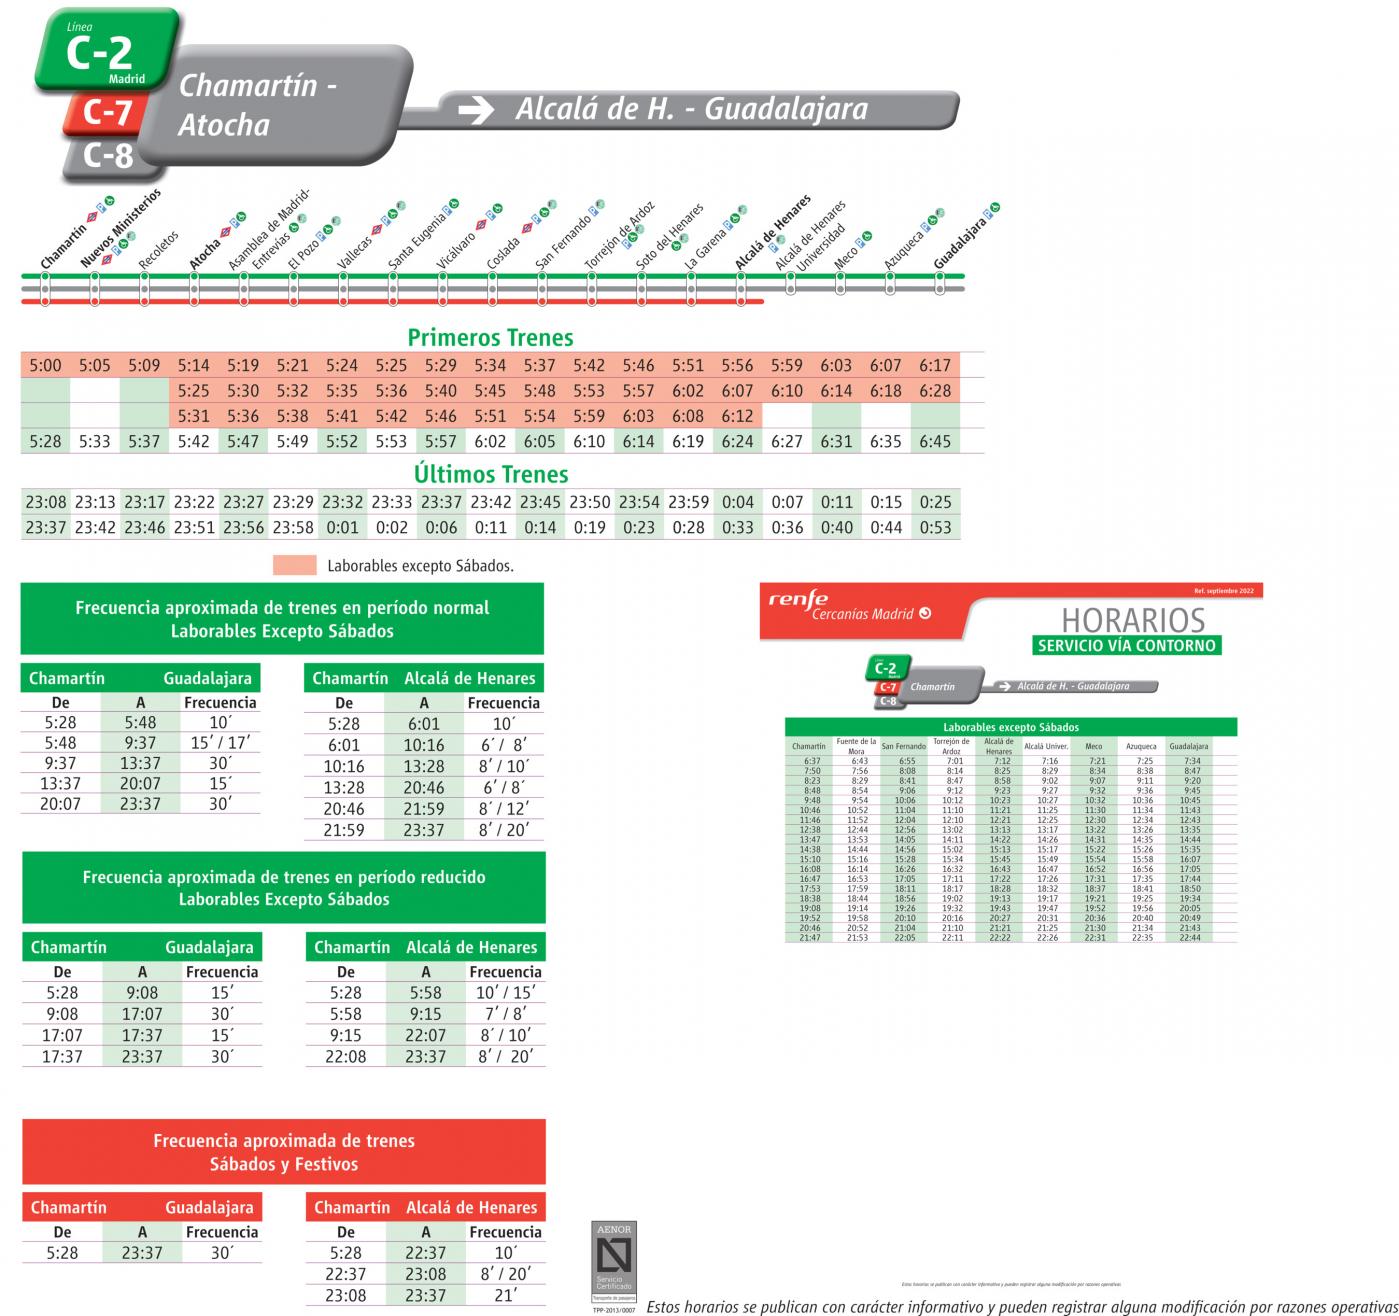 Tabla de horarios y frecuencias de paso en sentido ida Línea C-2: Guadalajara - Atocha - Chamartín